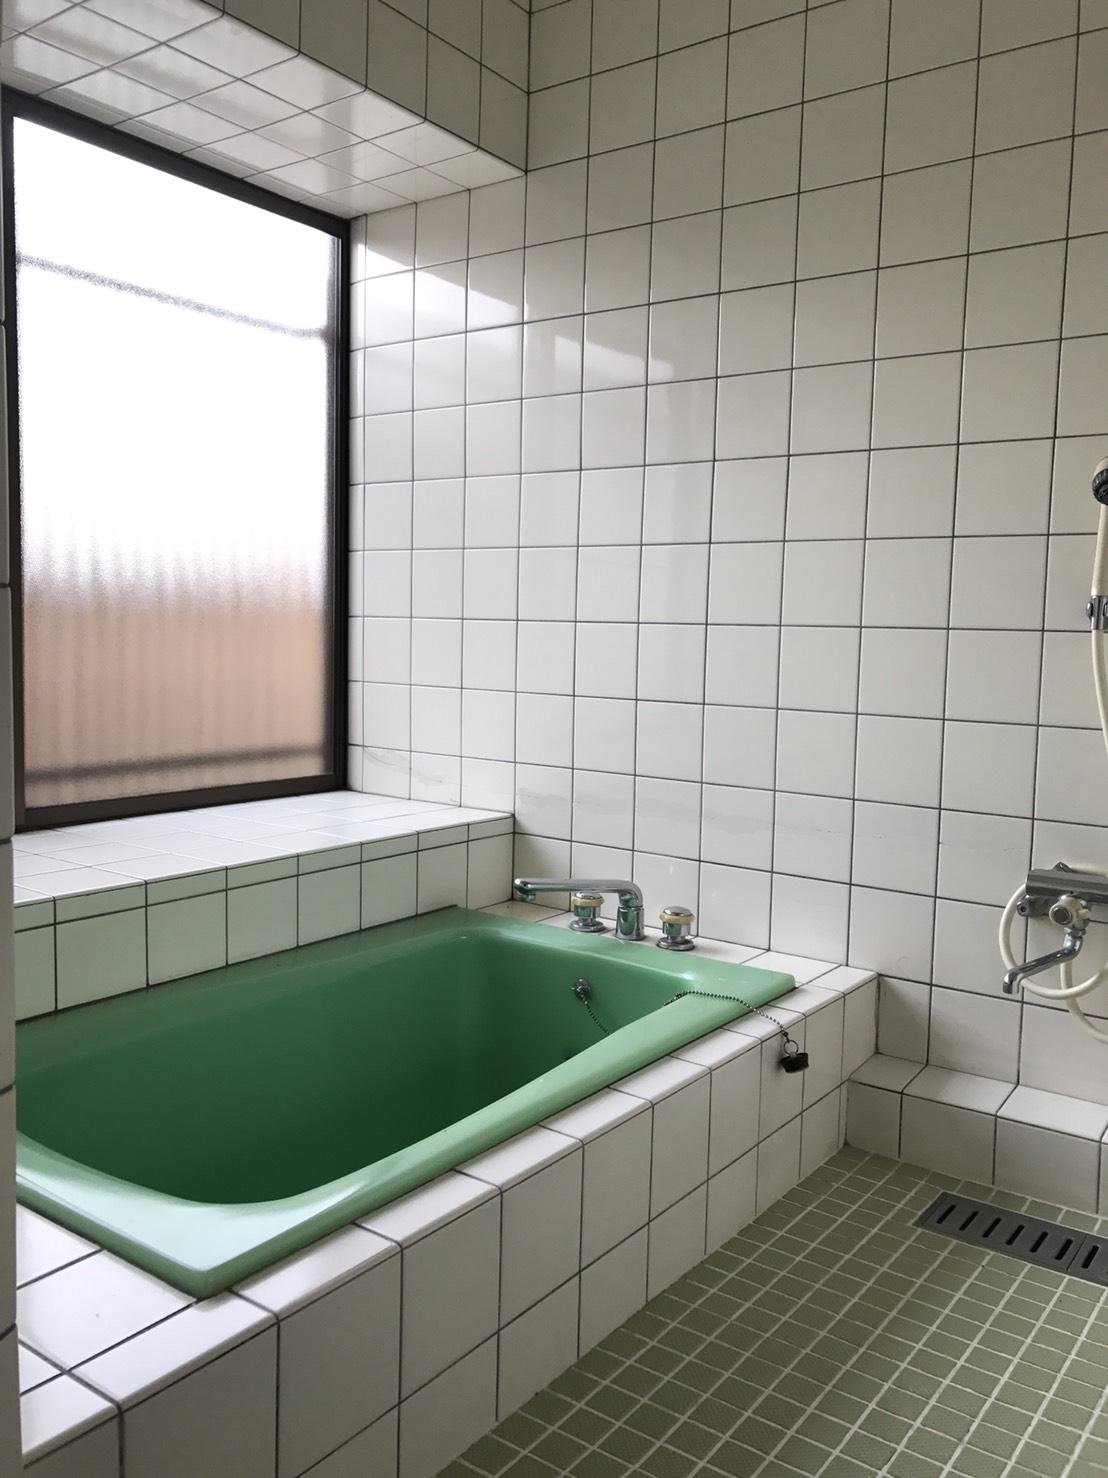 Ⅰ 風呂リフォーム before